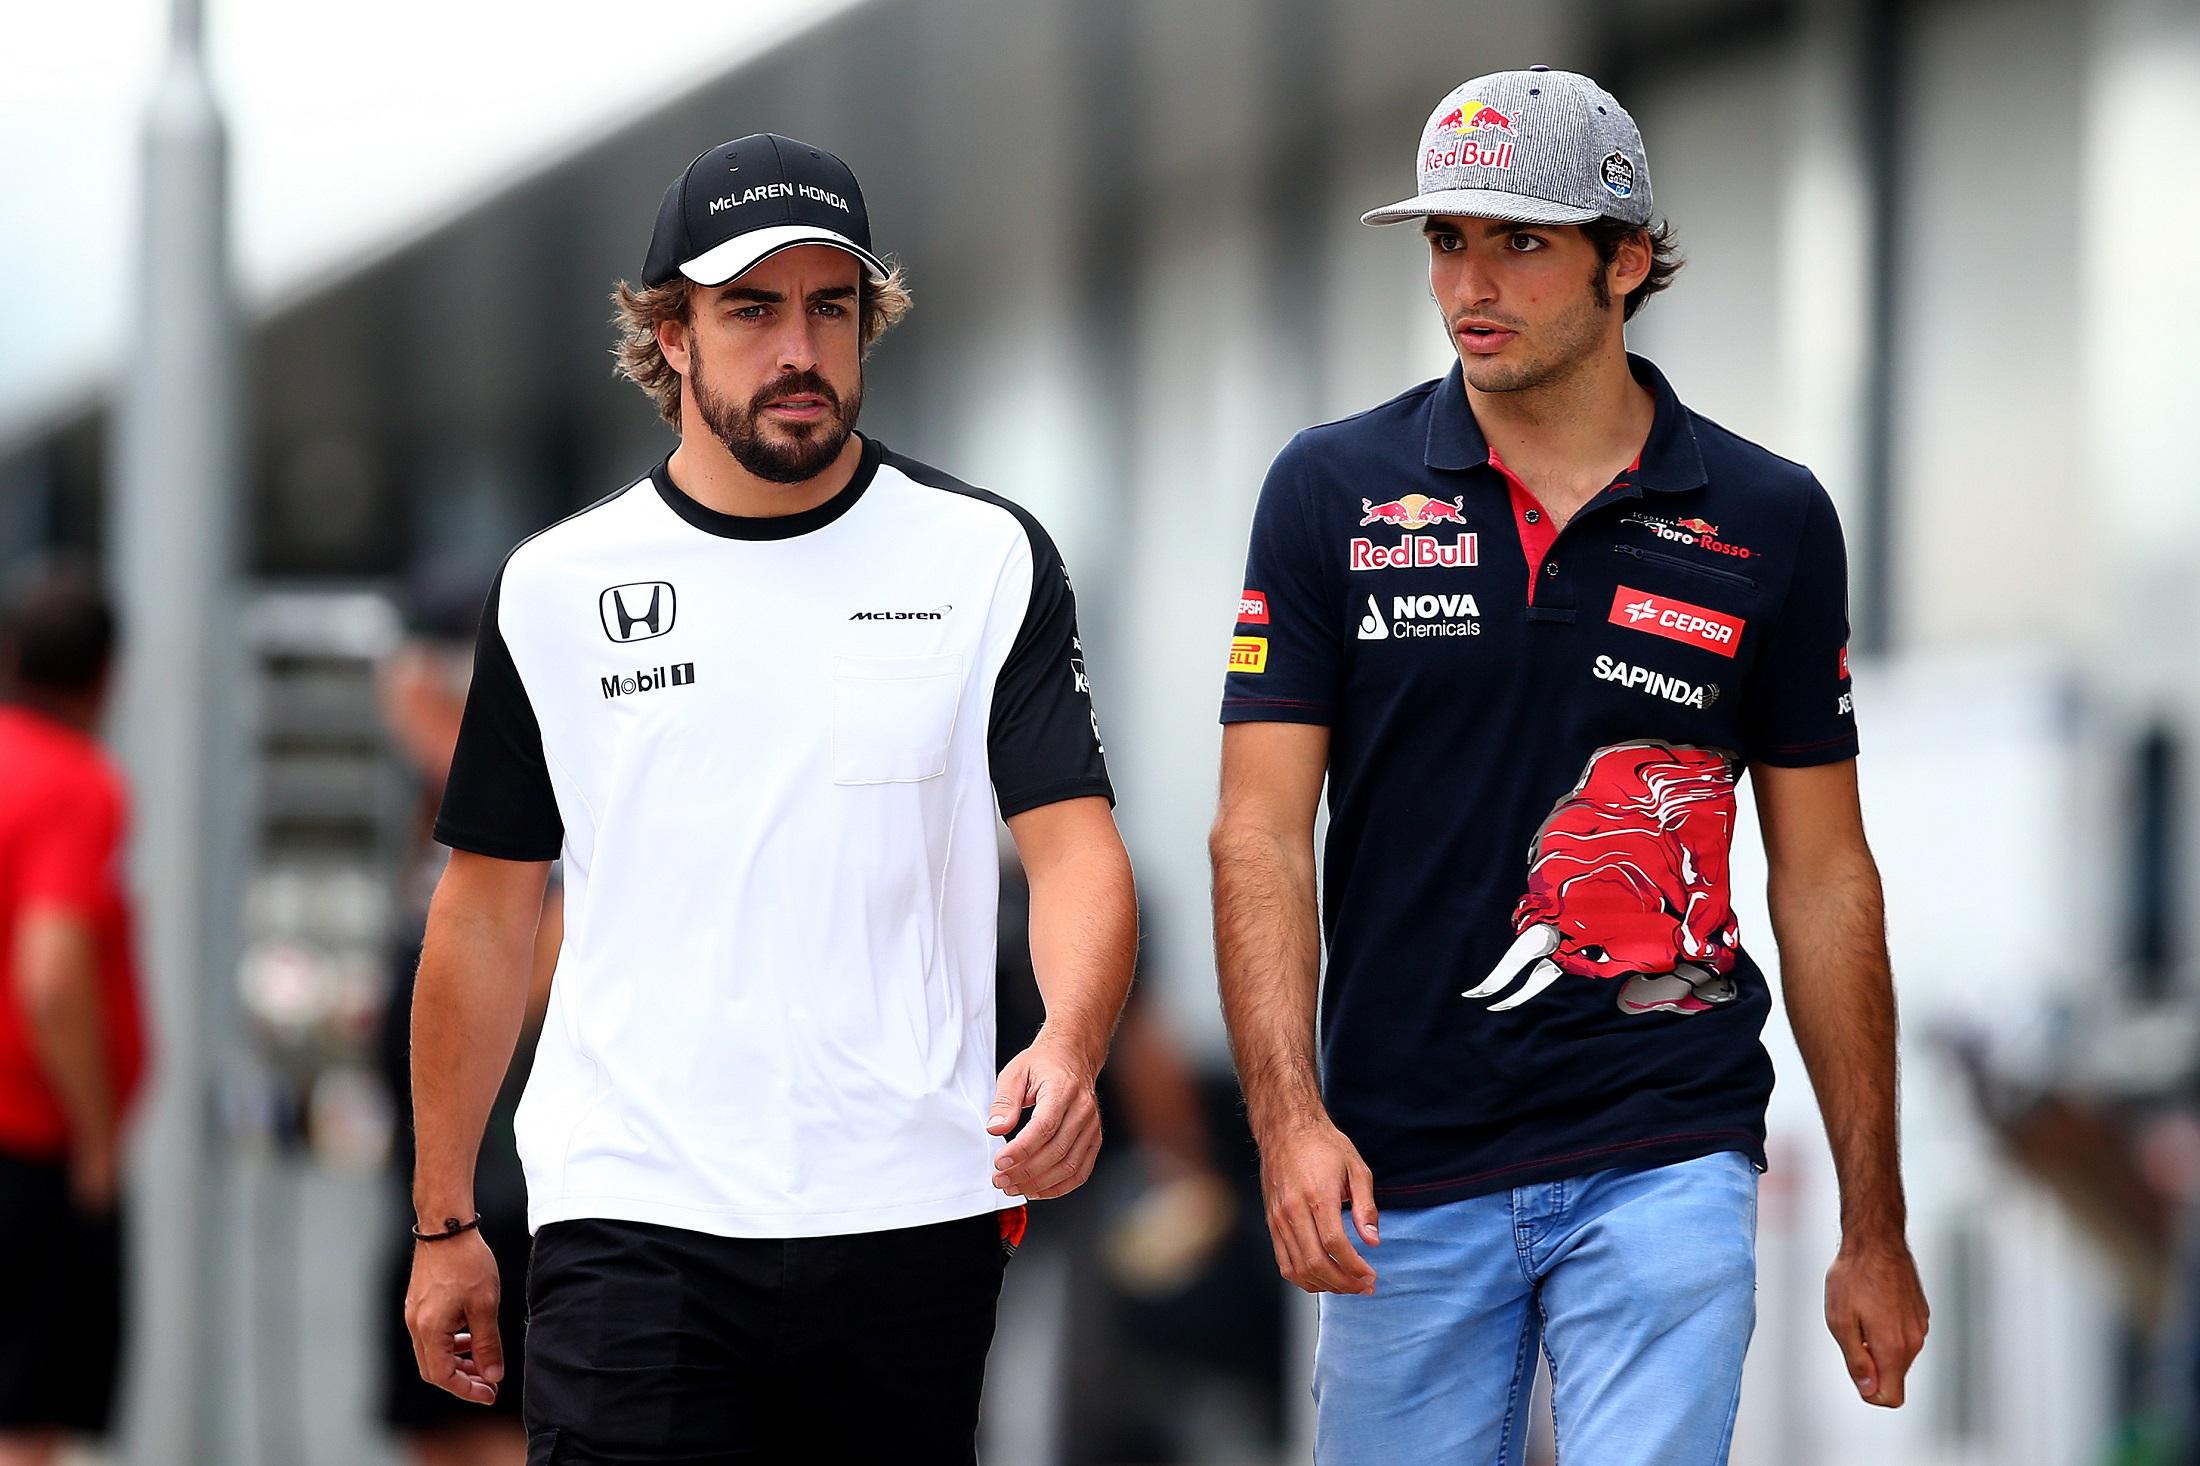 ¿Quién sucederá a Rosberg como campeón de la F1? (Infografía)